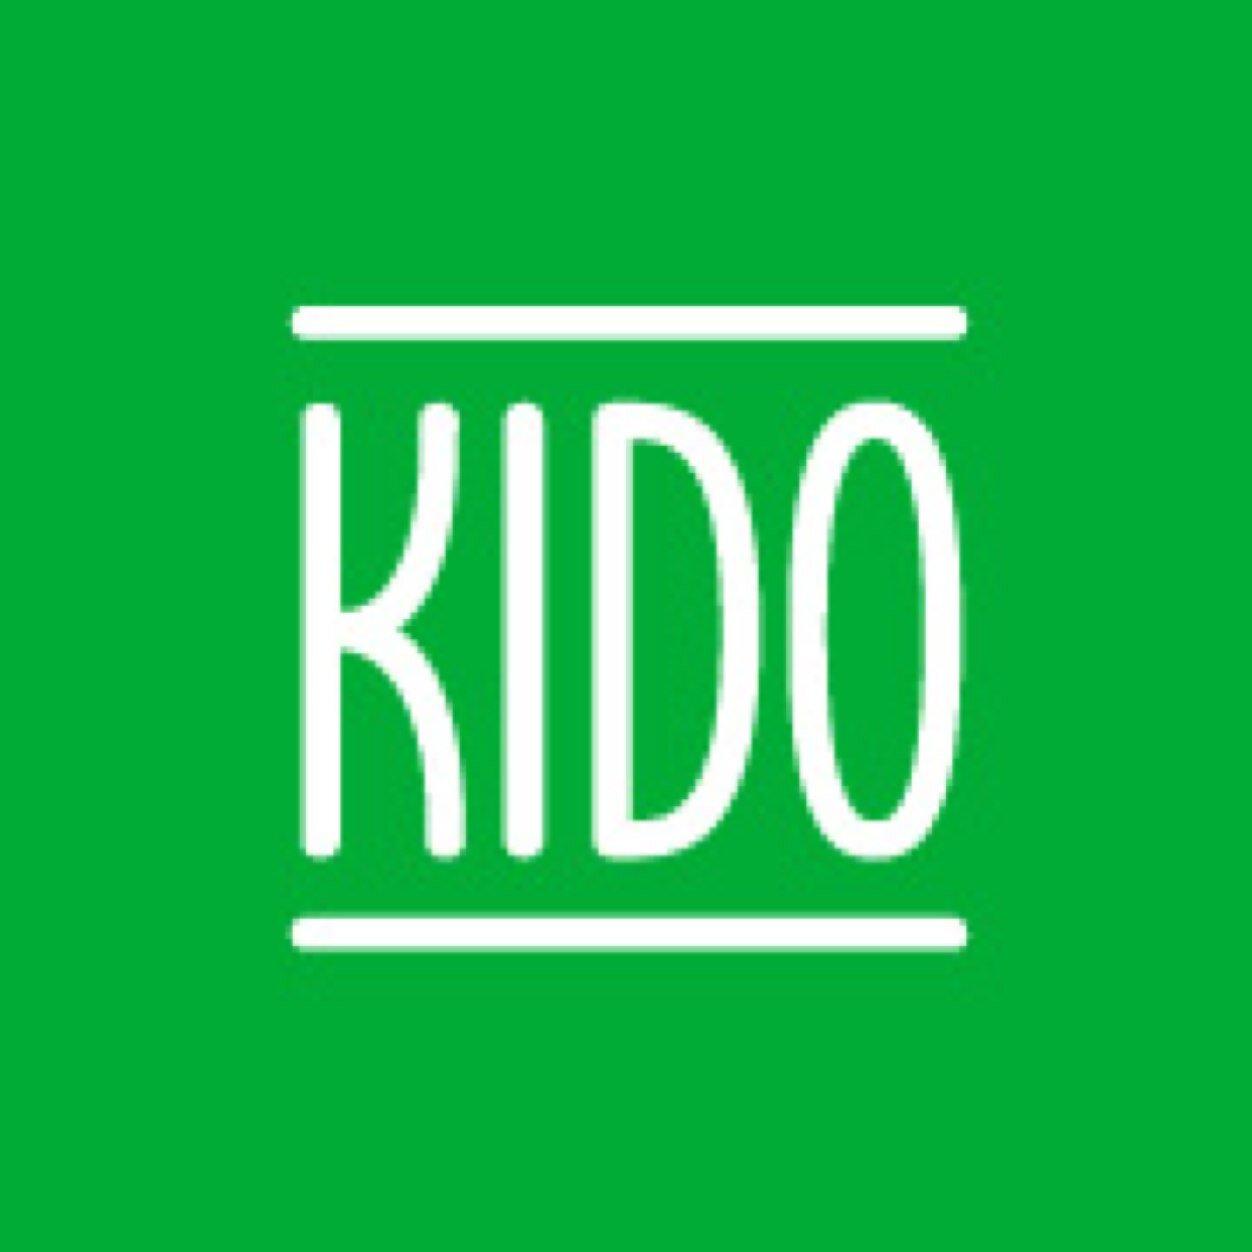 2ad0ee1f0eec5 Kido Store (@KidoStore)   Twitter